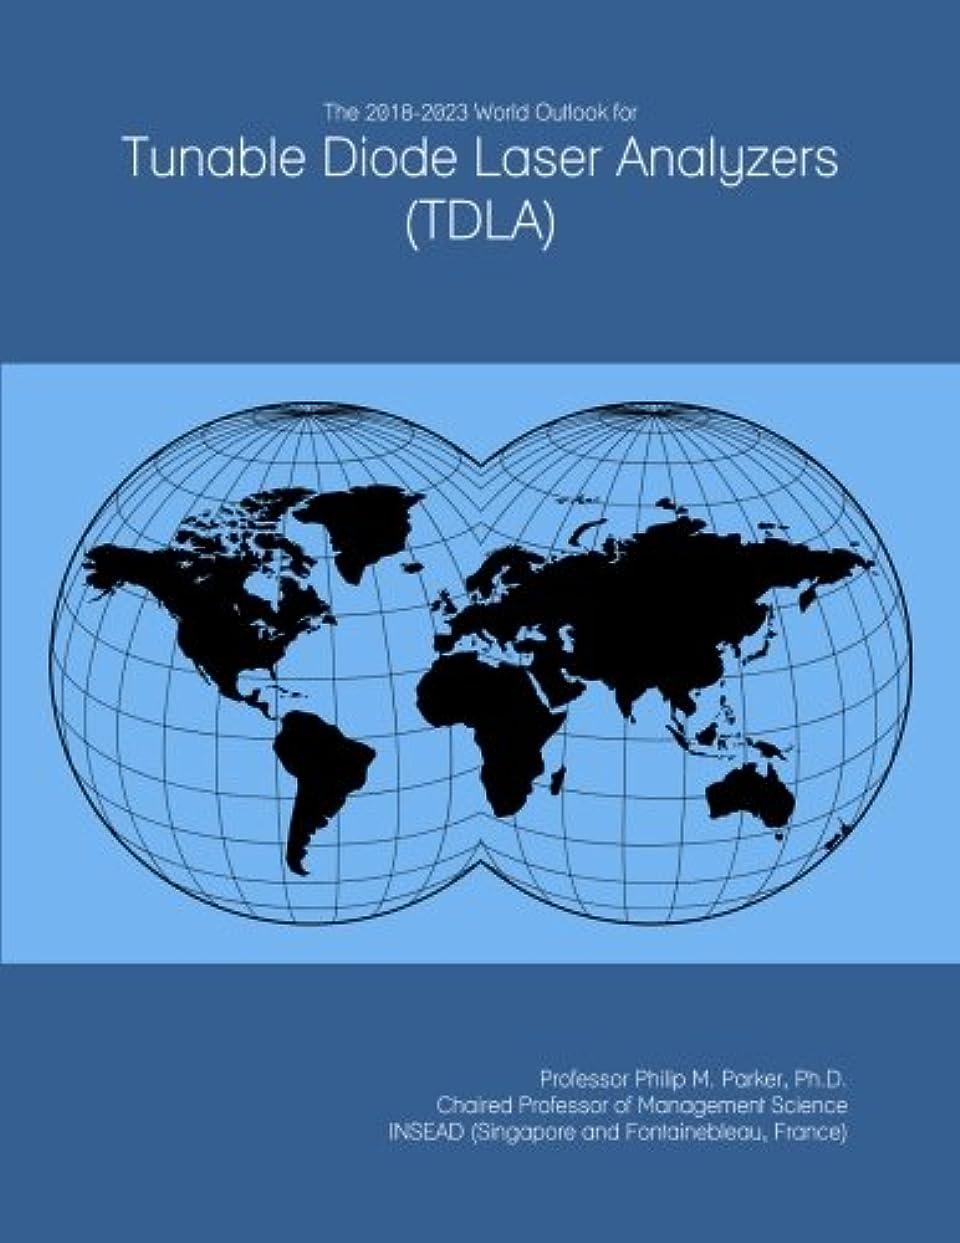 大臣ゆりパプアニューギニアThe 2018-2023 World Outlook for Tunable Diode Laser Analyzers (TDLA)